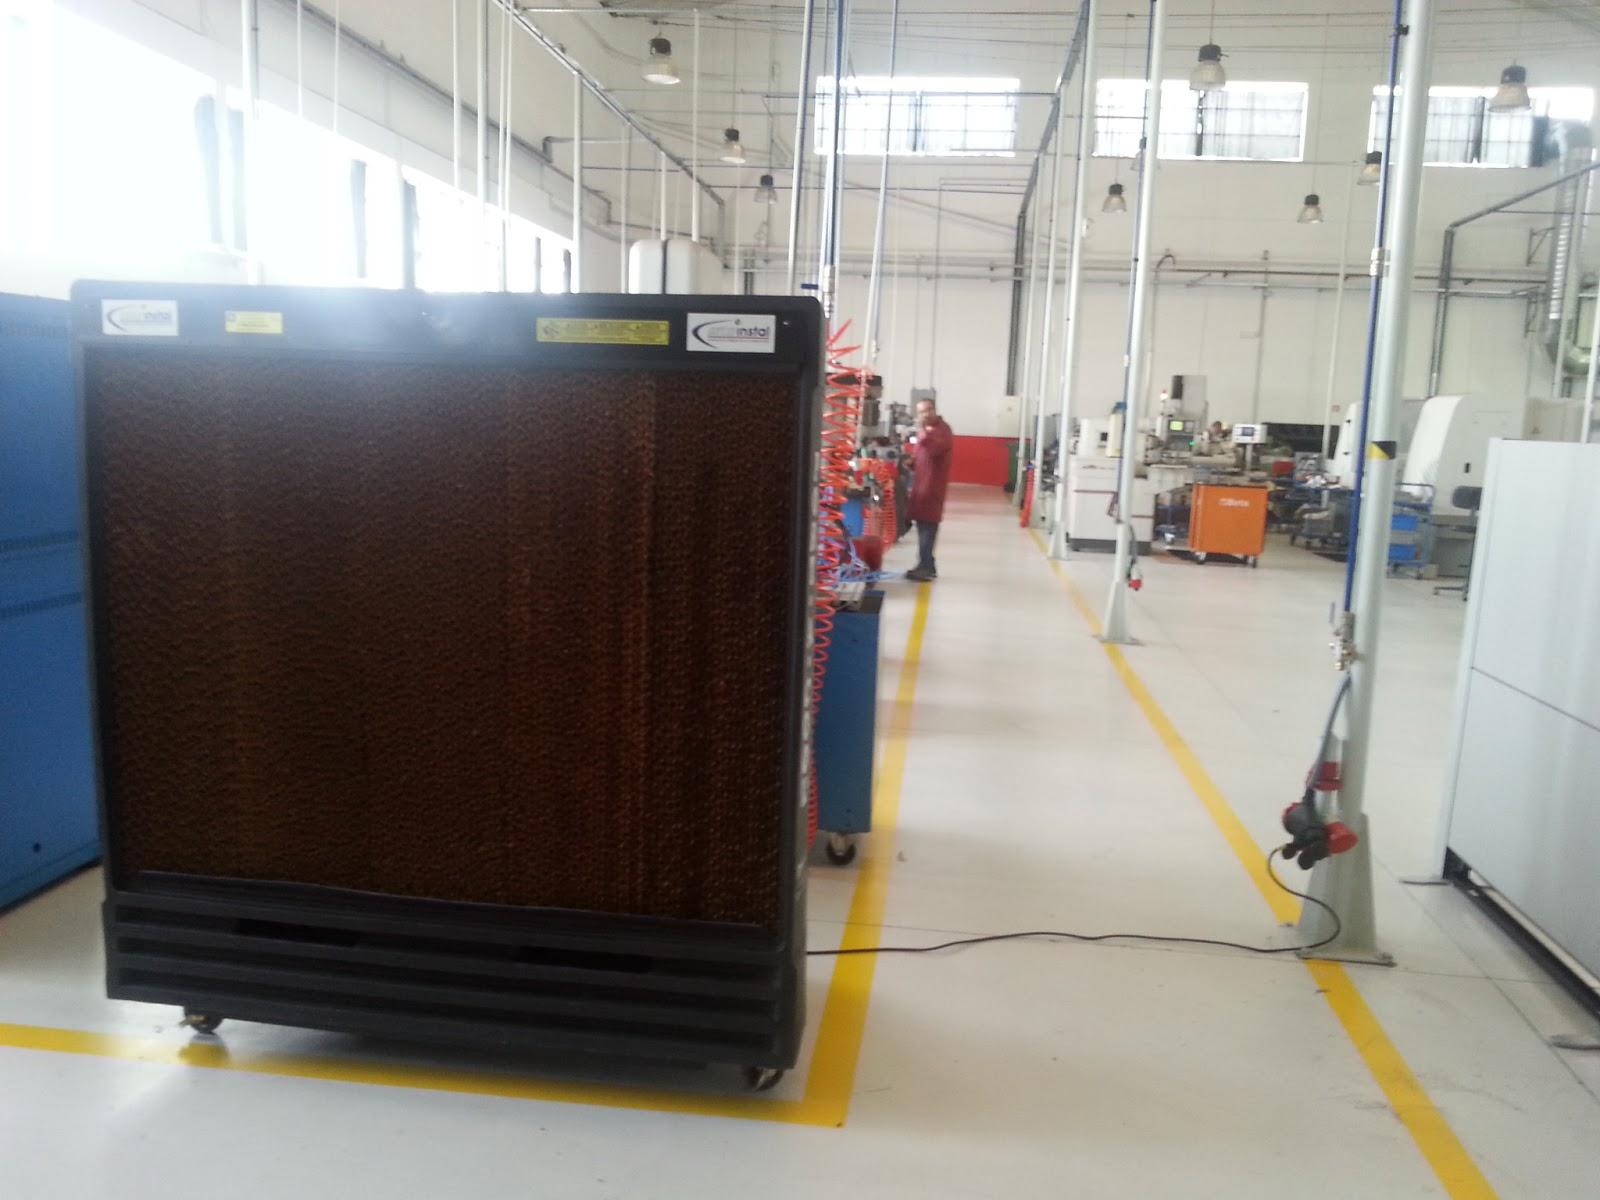 PORTACOOL: Solución practica para bajar temperatura nave industrial #9F782C